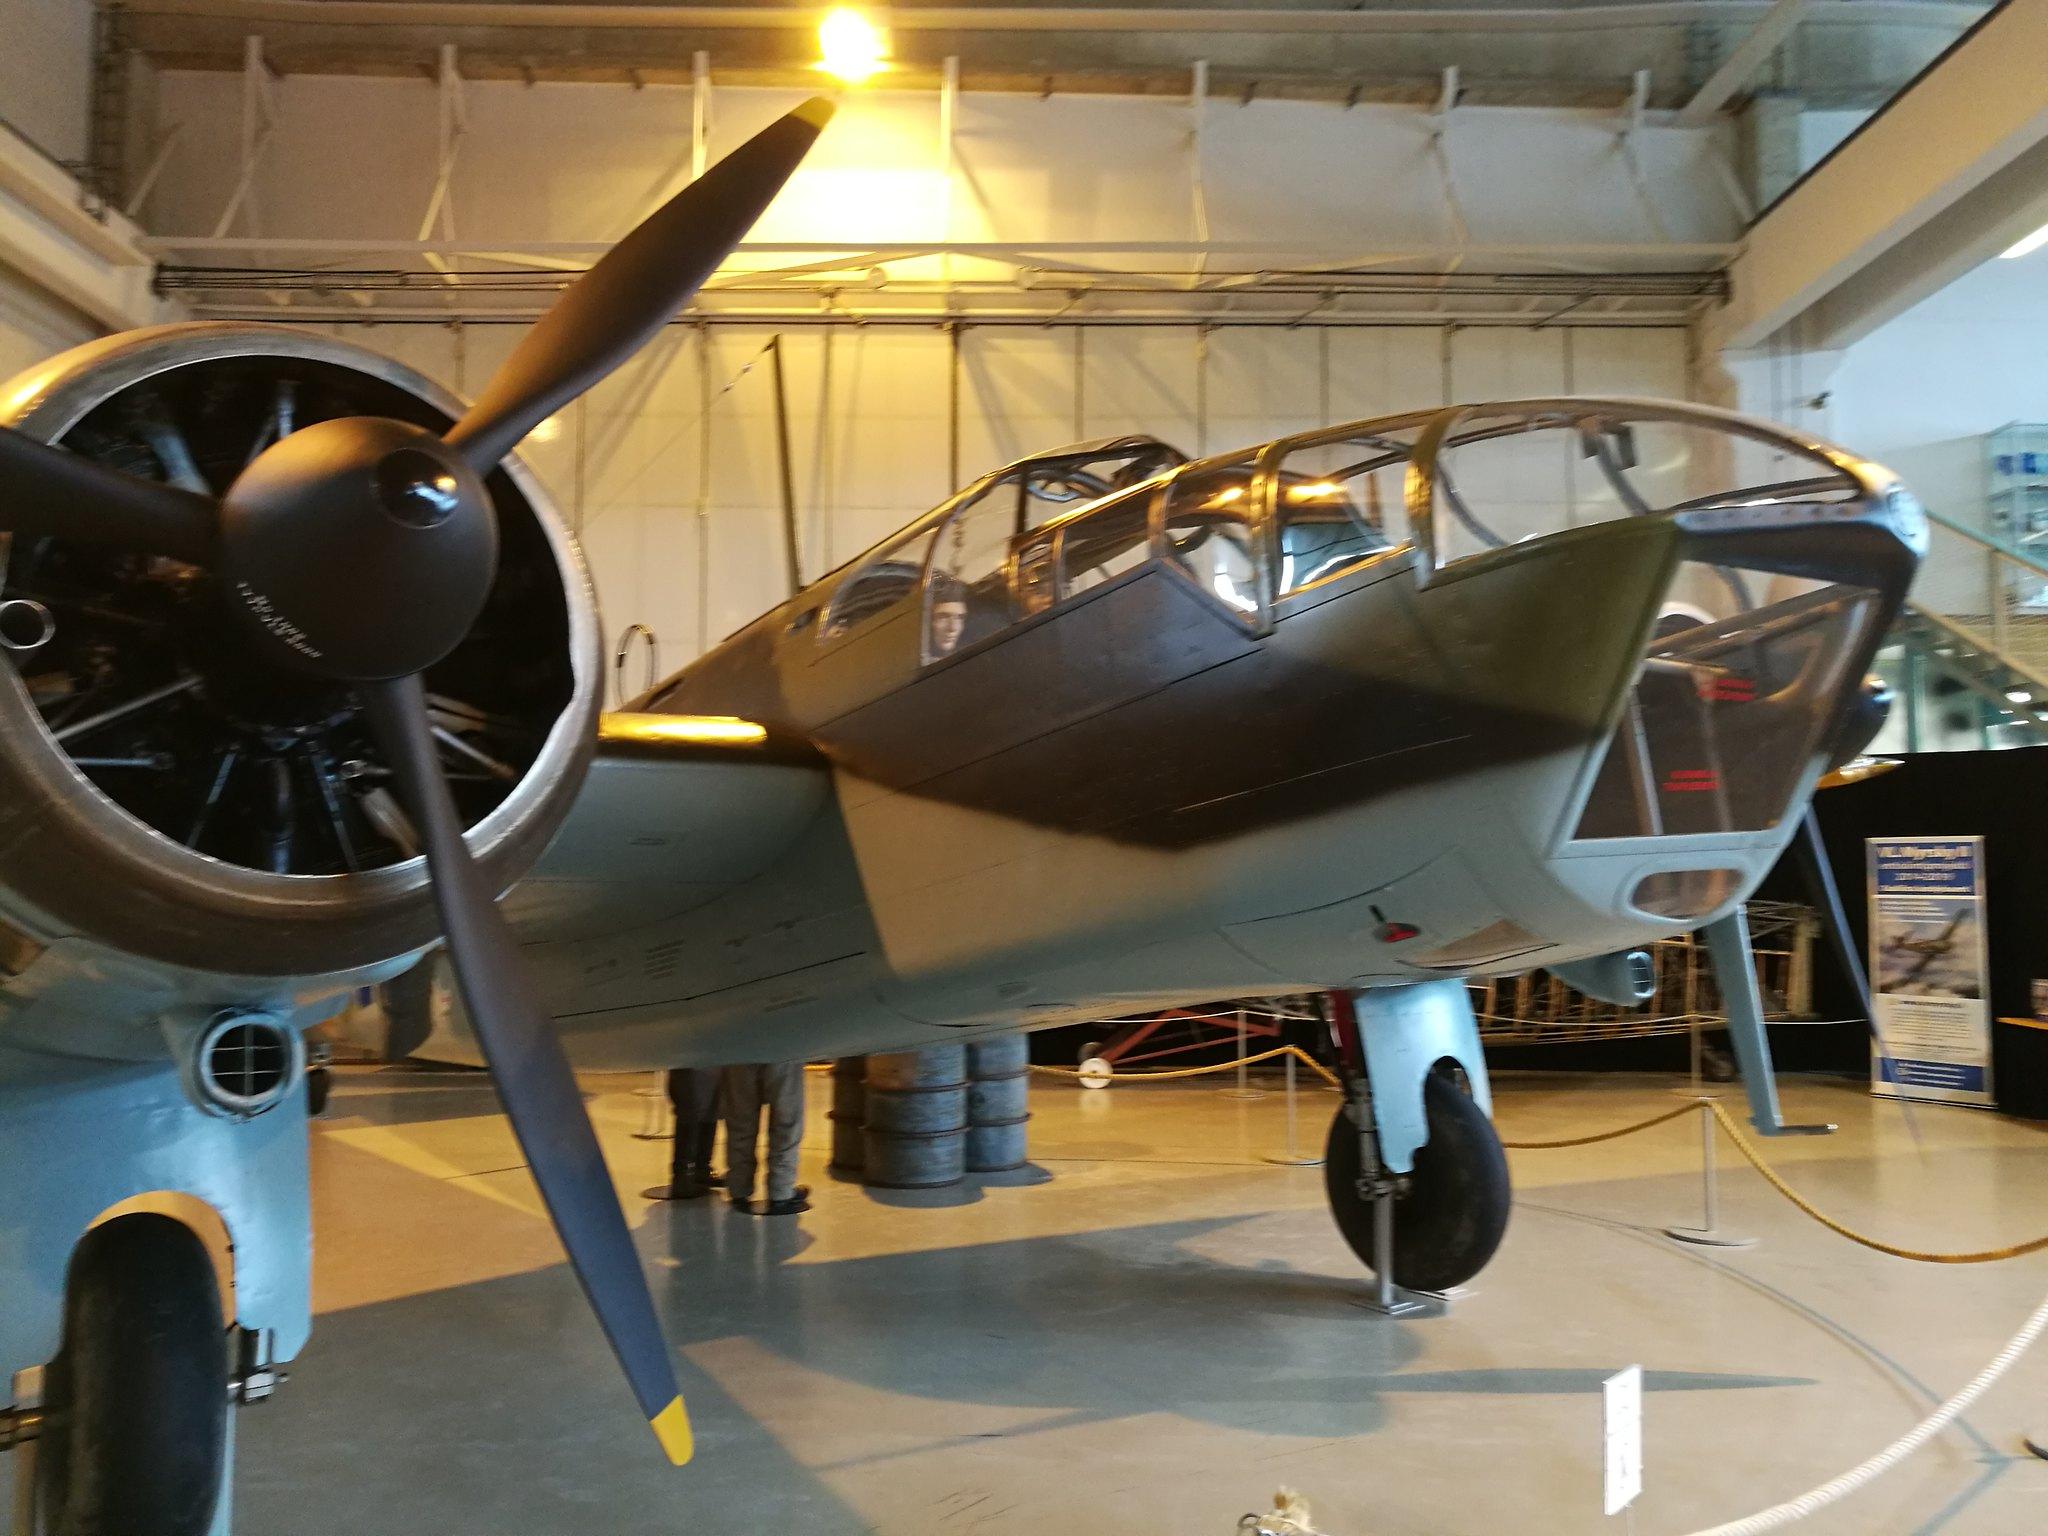 Hemkommen från semester i Finland med utflykt till Finlands Flygvapenmuseum. 48293057272_a1c50053ed_k